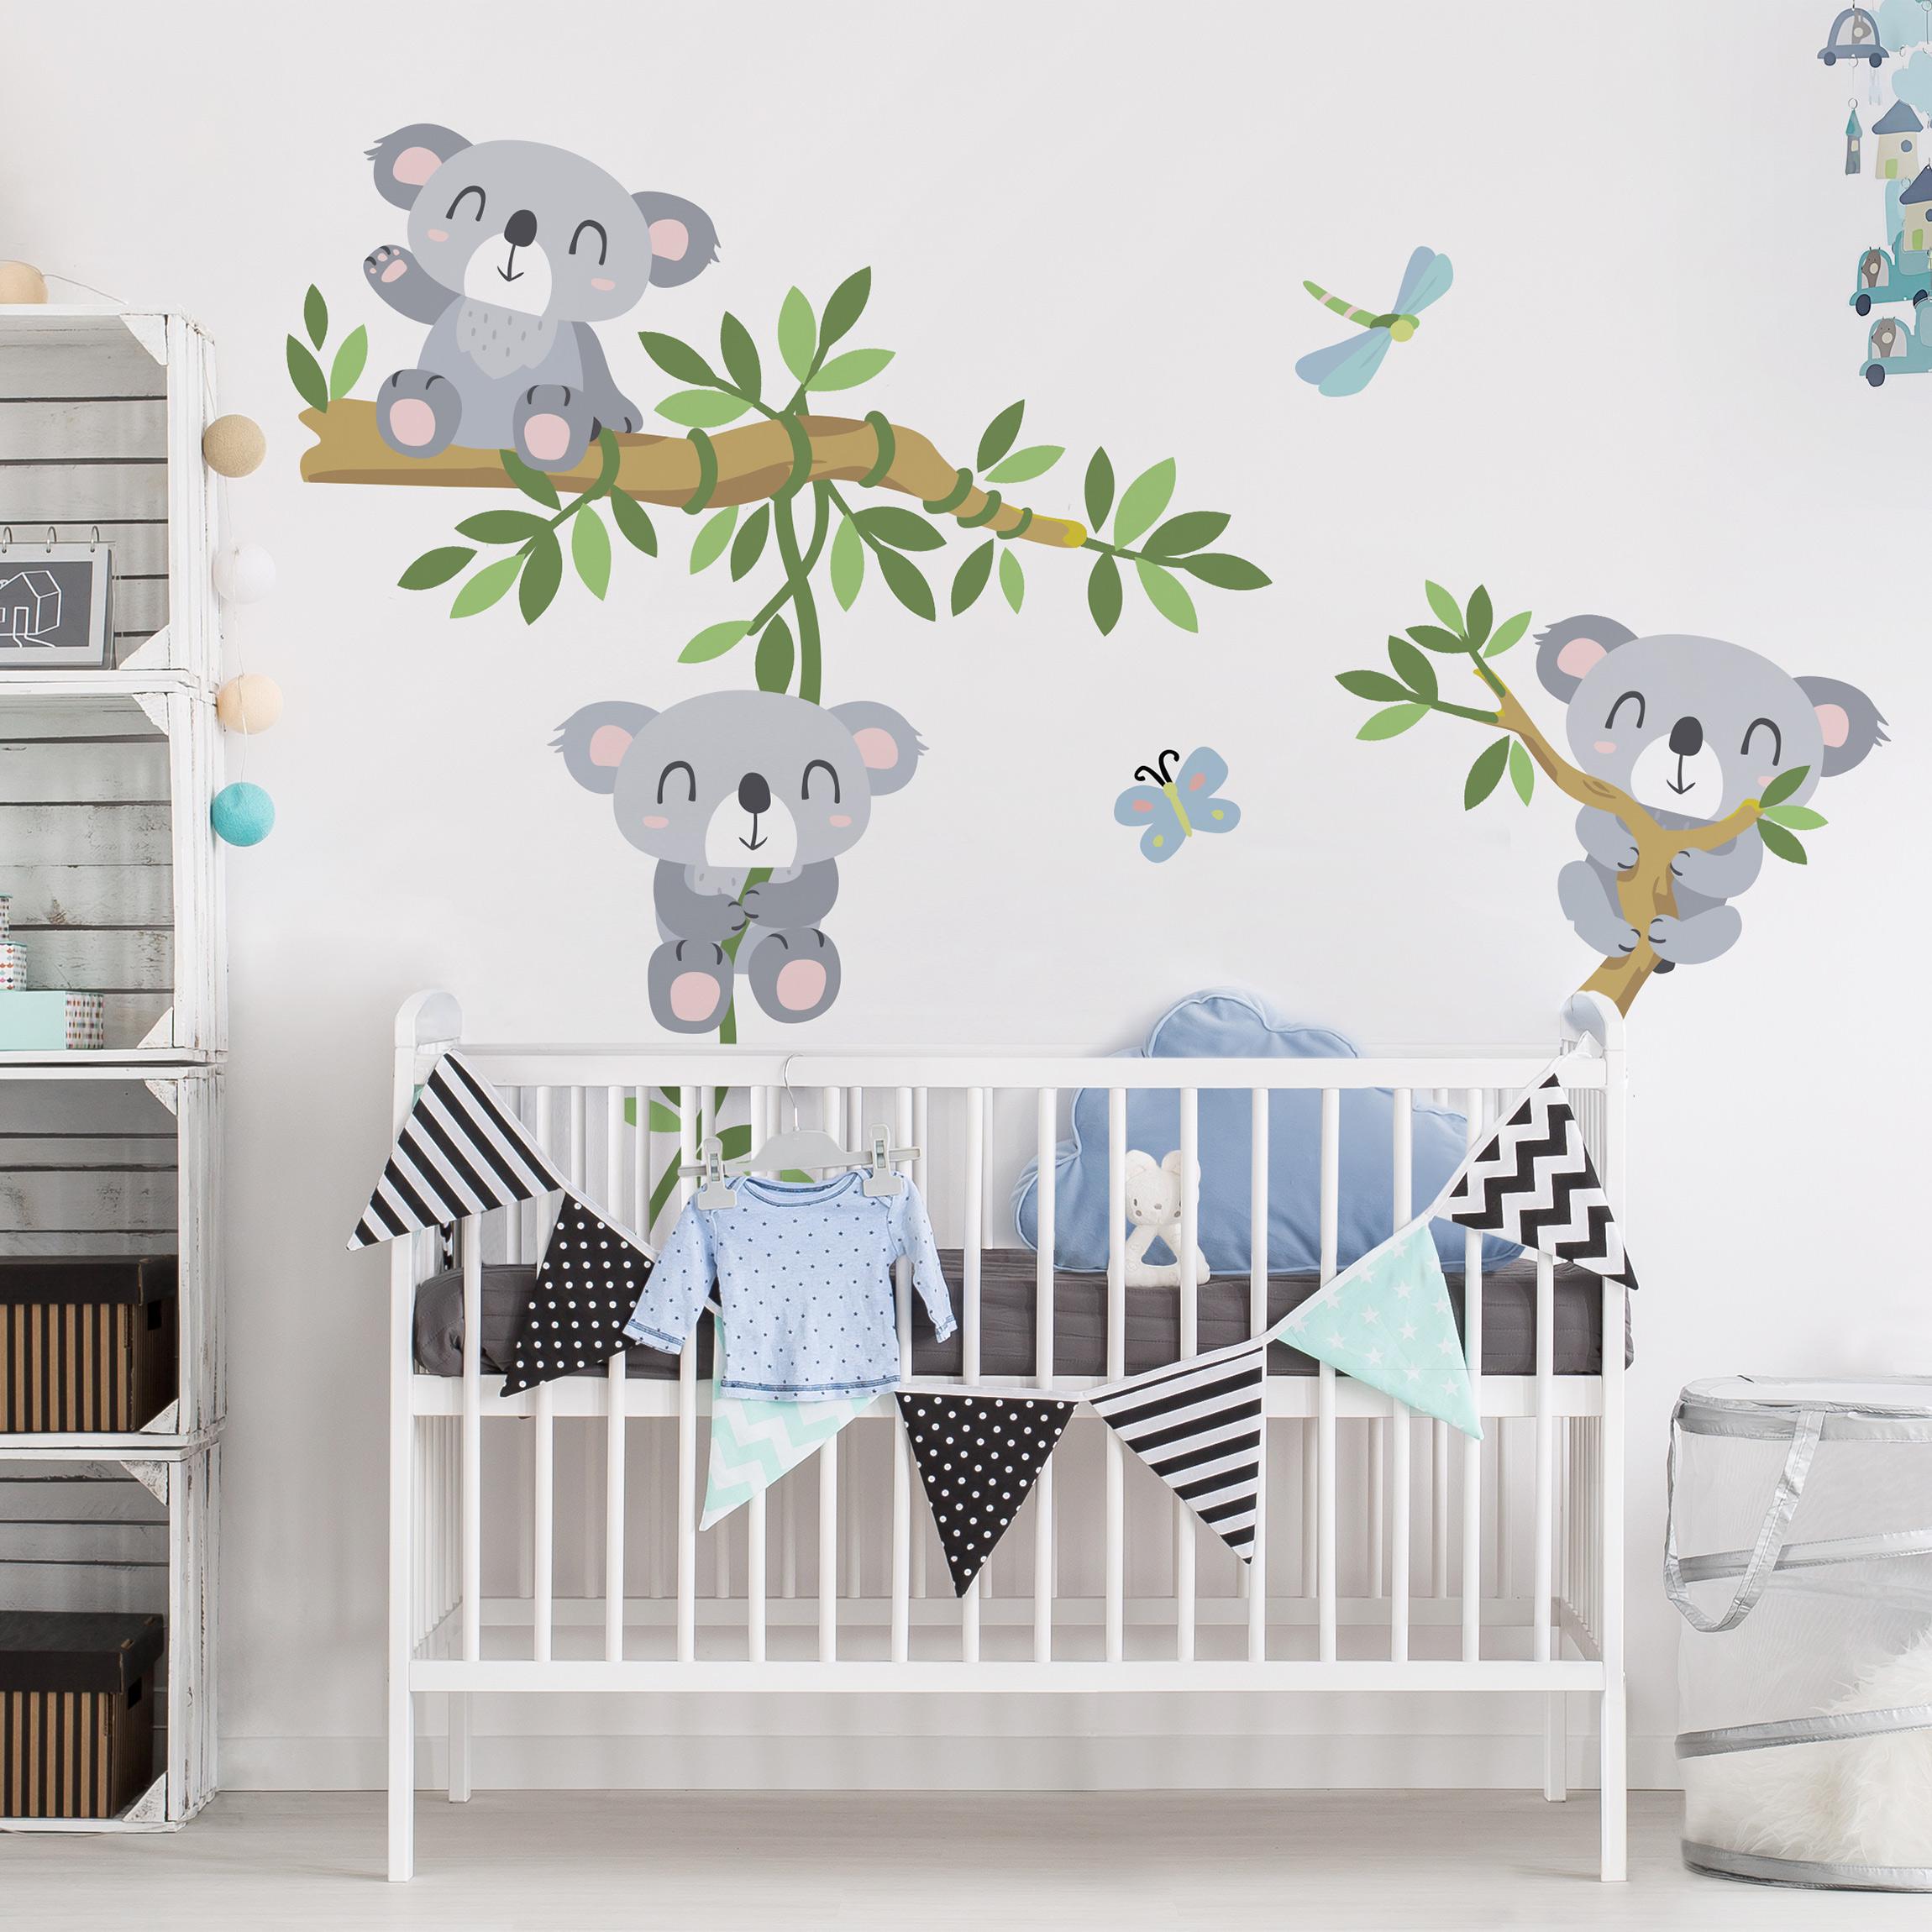 Full Size of Wandtattoo Kinderzimmer Koala Set Bilder Fürs Wohnzimmer Klebefolie Für Fenster Folie Fliegengitter Moderne Rollos Laminat Bad Betten übergewichtige Regale Kinderzimmer Bilder Für Kinderzimmer